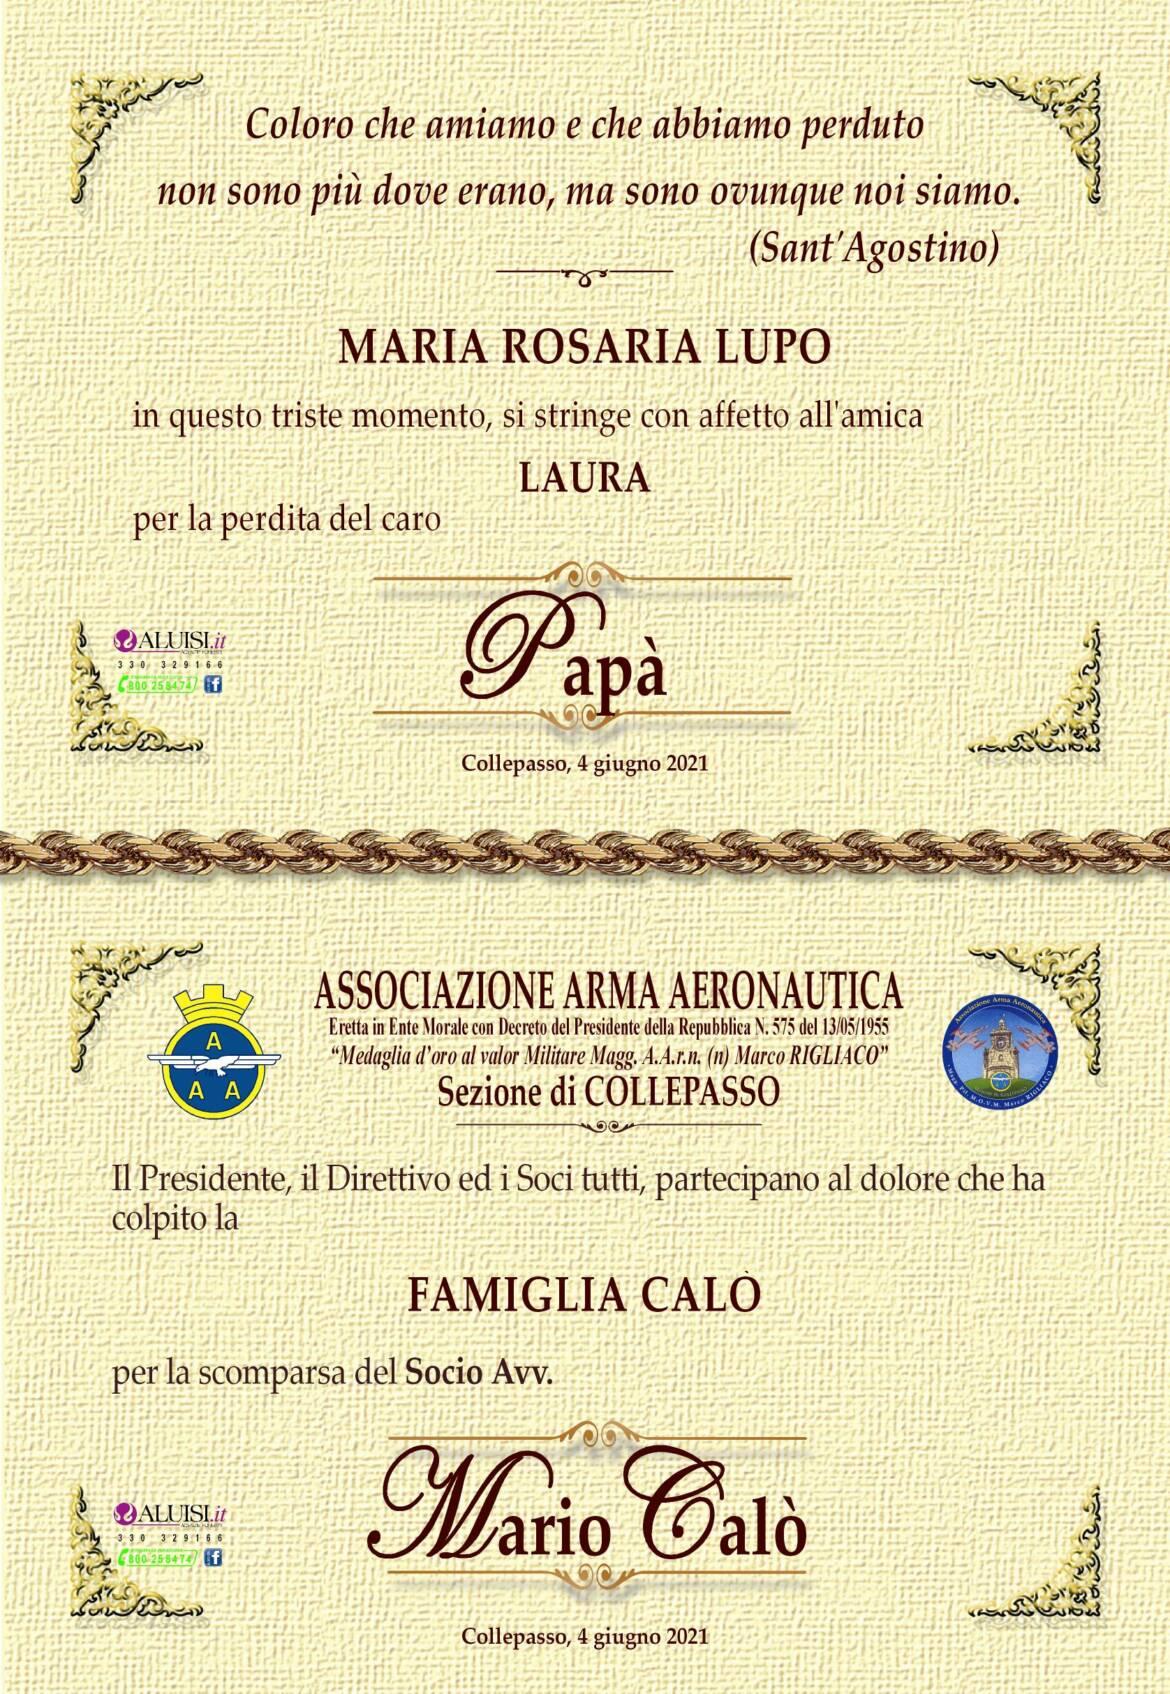 PARTECIPAZIONE-MARIO-CALo-COLLEPASSO-1.jpg